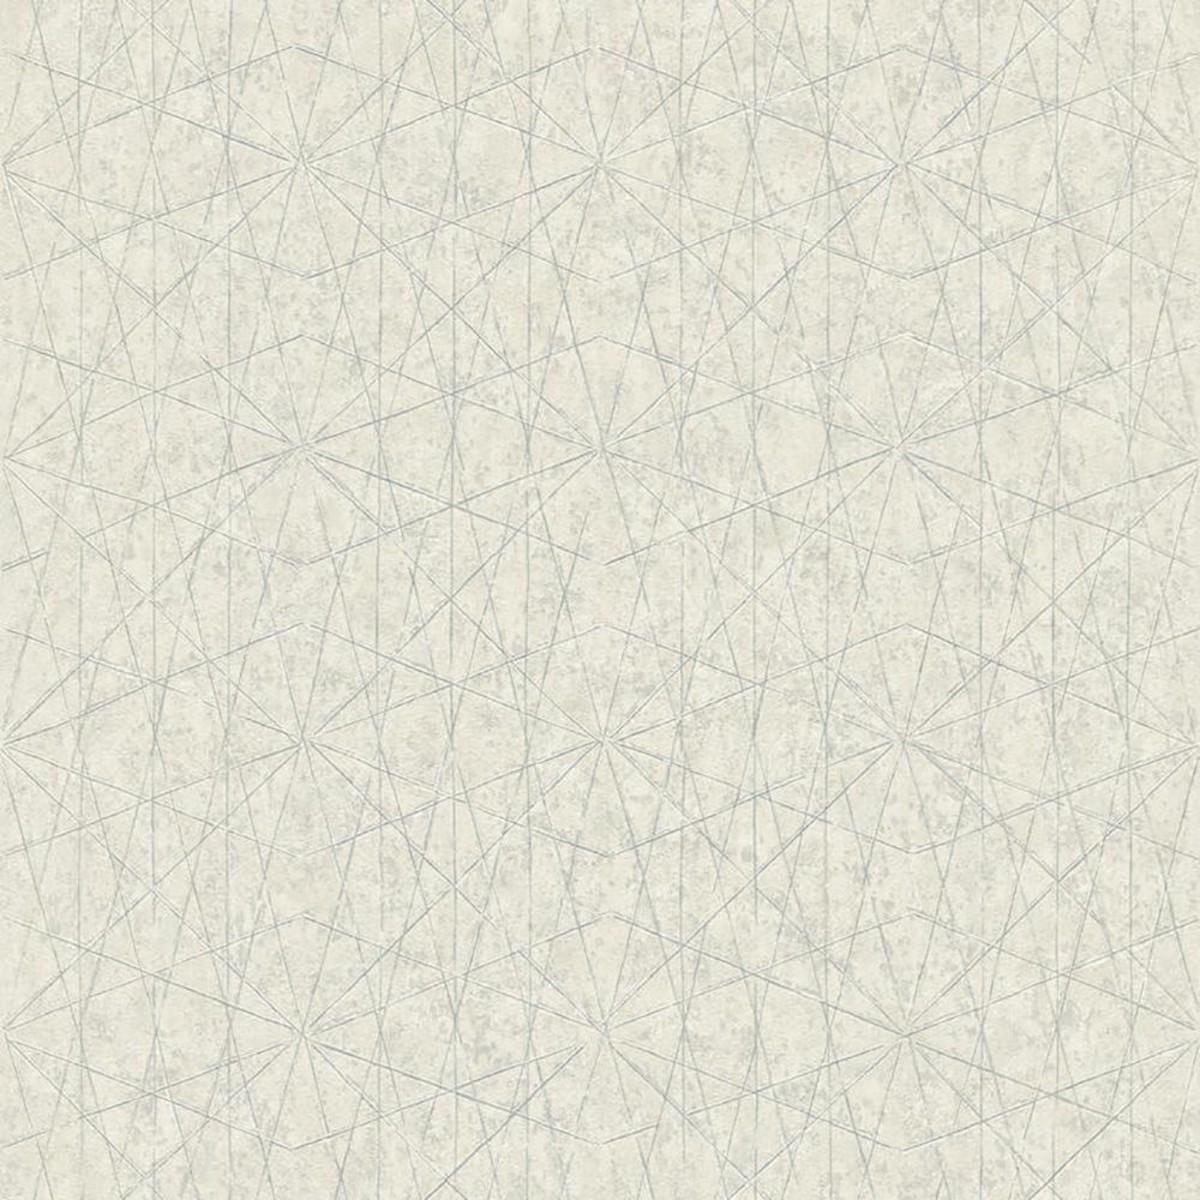 Обои флизелиновые Grandeco Nuances серые 0.53 м NU3303